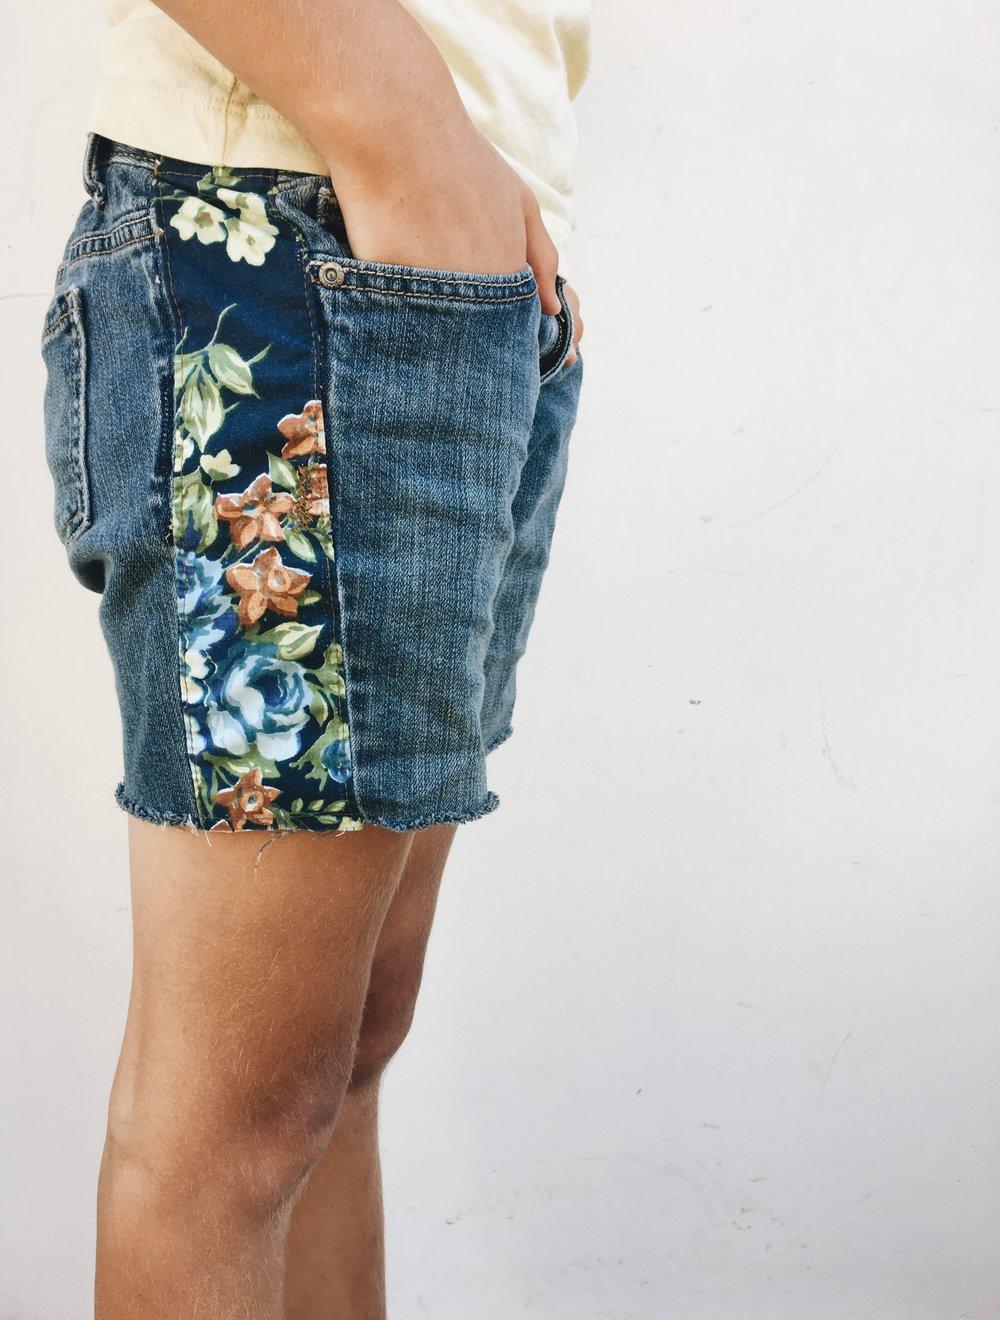 Jean Cuttoff Shorts Boho Style DIY